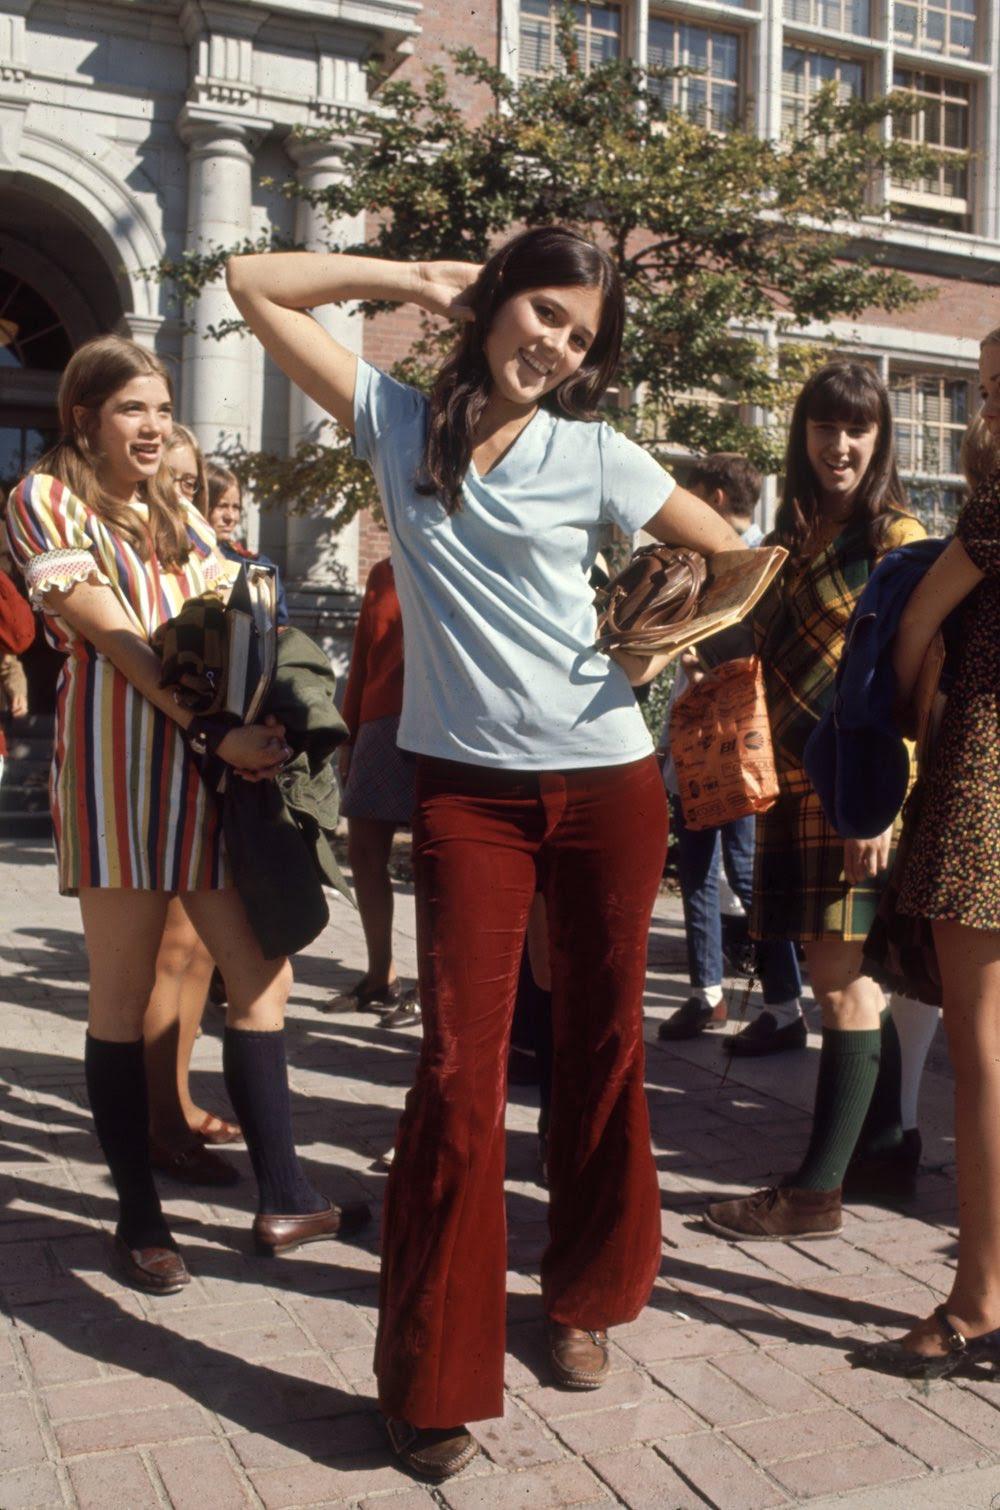 Estas colegiais dos anos 60 se vestiam bem, inclusive para hoje em dia 11